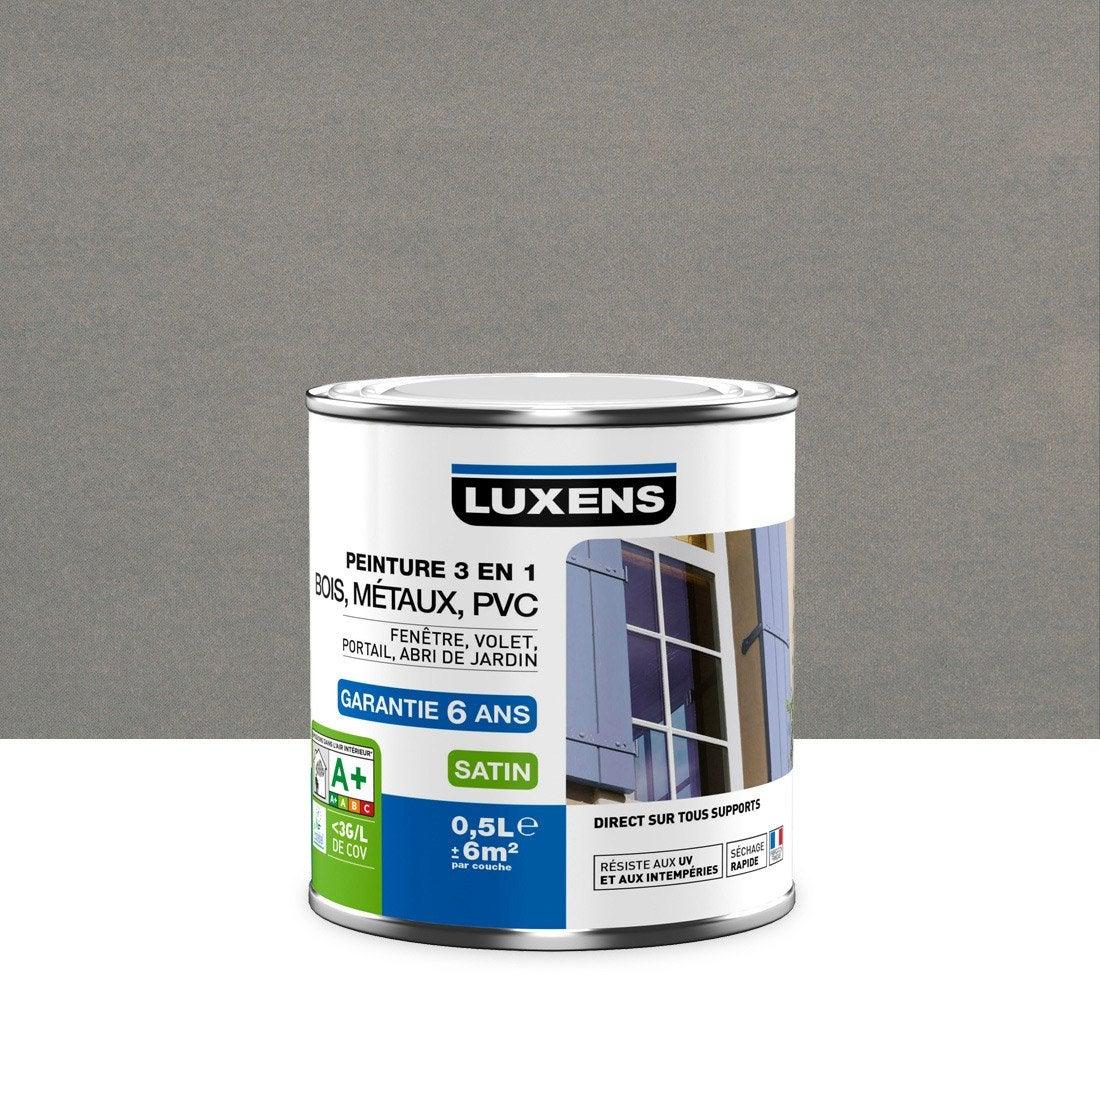 Peinture multimatériau extérieur 3 en 1 LUXENS, gris zingué n°3 ...